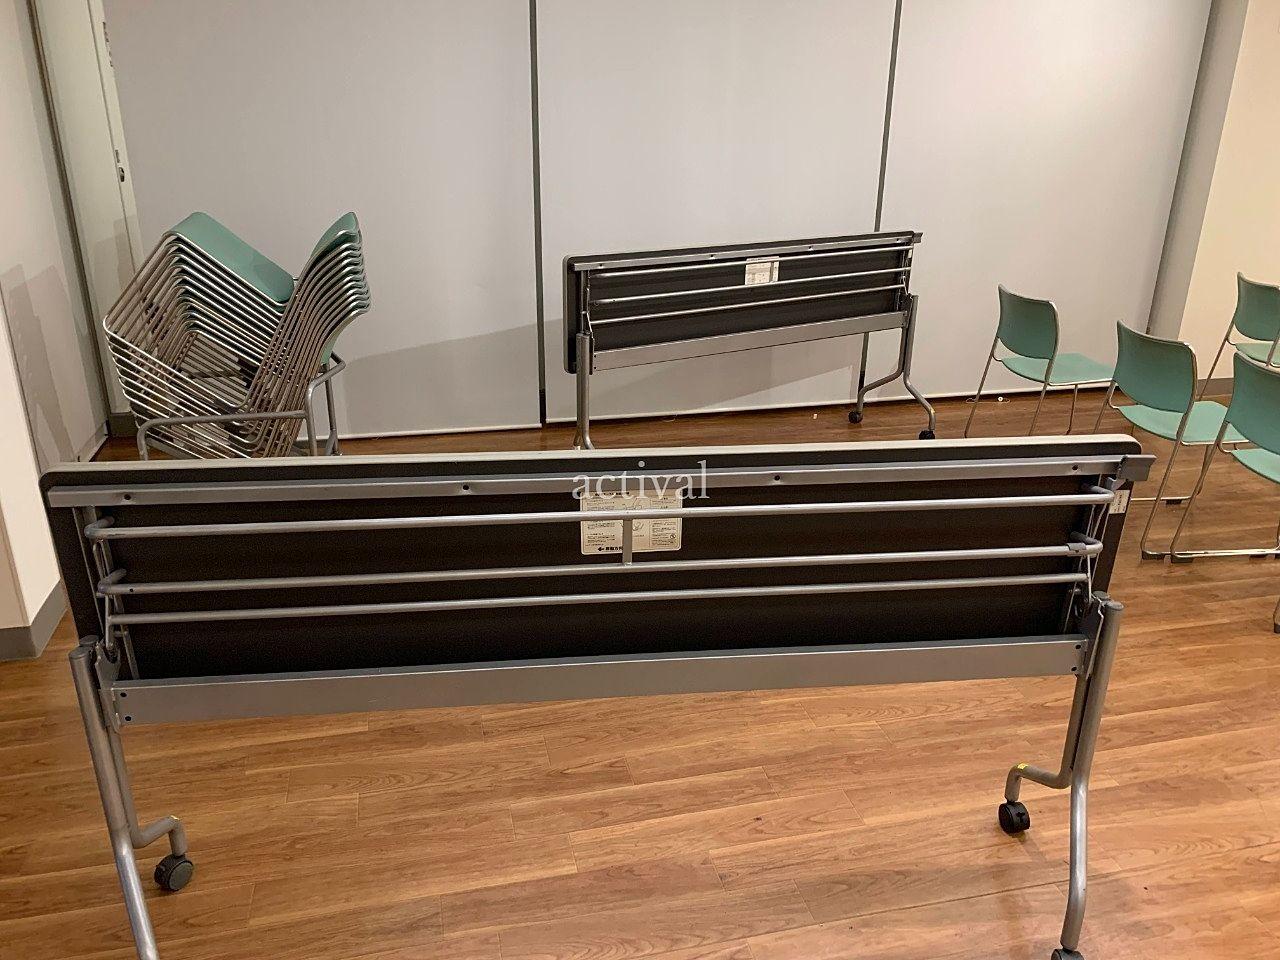 ア・ス・ヴェルデホールの長テーブルを1つ1つ点検します!